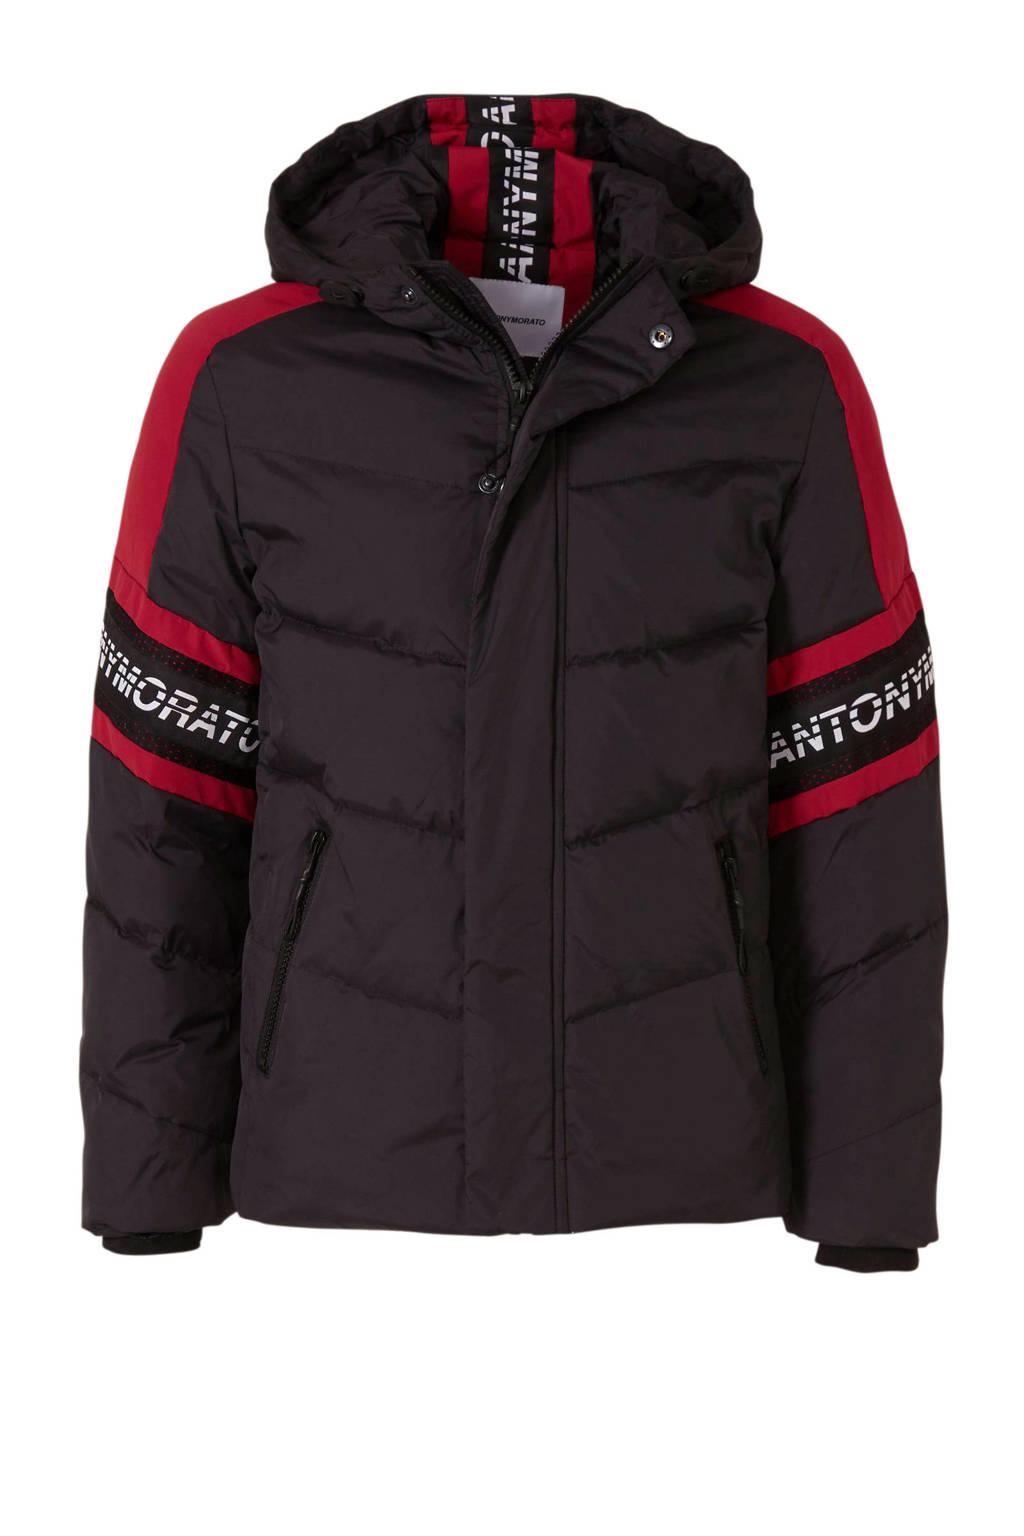 Antony Morato winterjas meerkleurig met logo zwart/rood, Zwart/rood